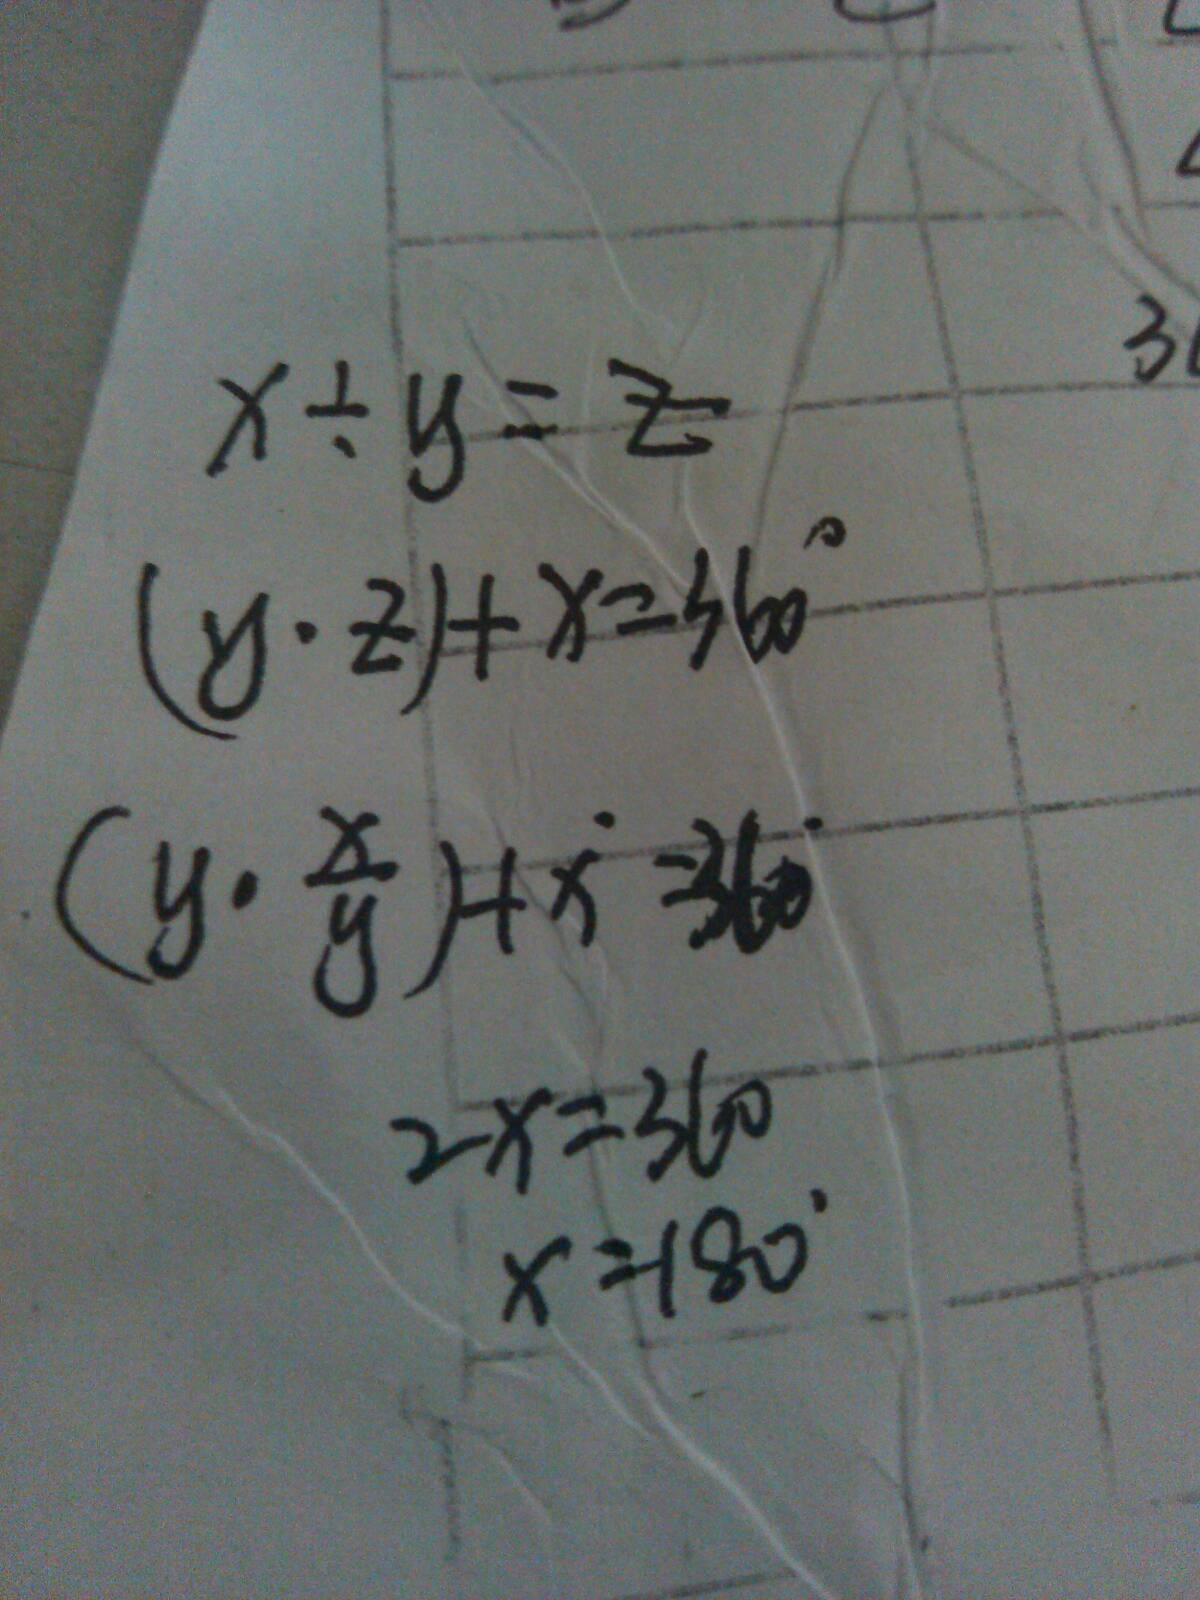 在一道没有余数的除法算式中,如果被除数 除数×商是258.那么被除数是图片